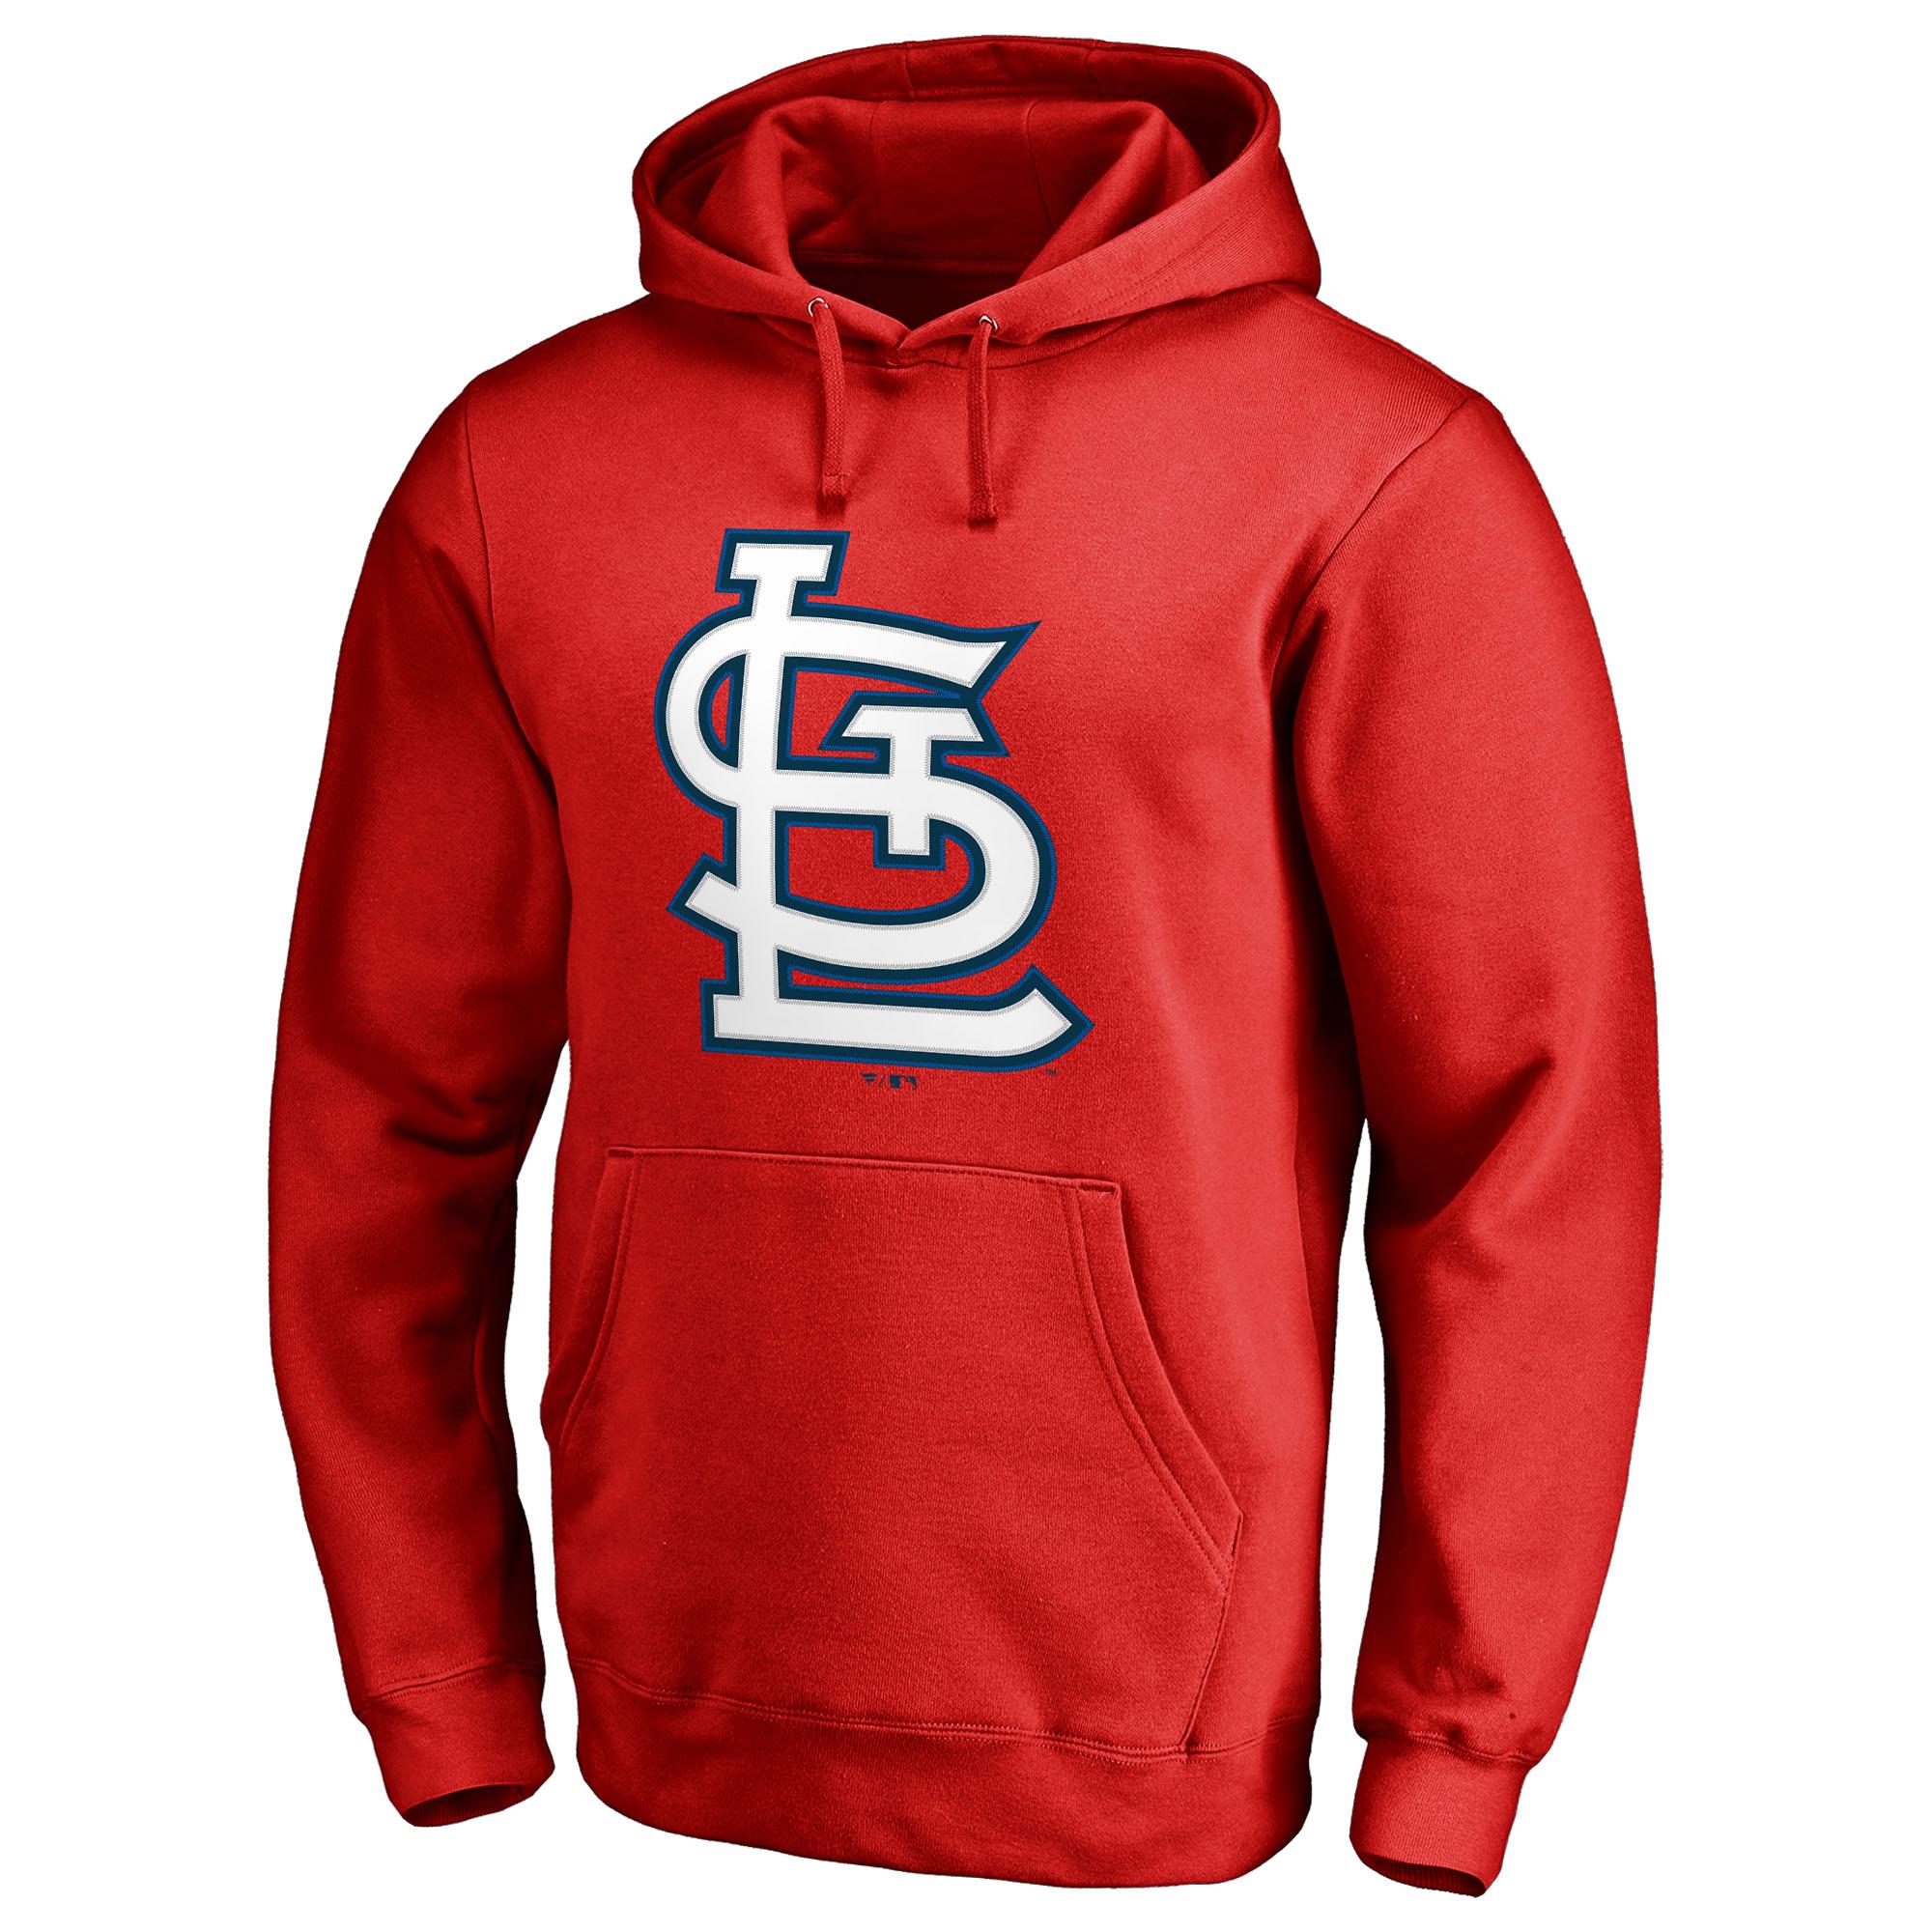 8fad5fd949 St. Louis Cardinals Team Shop - Walmart.com